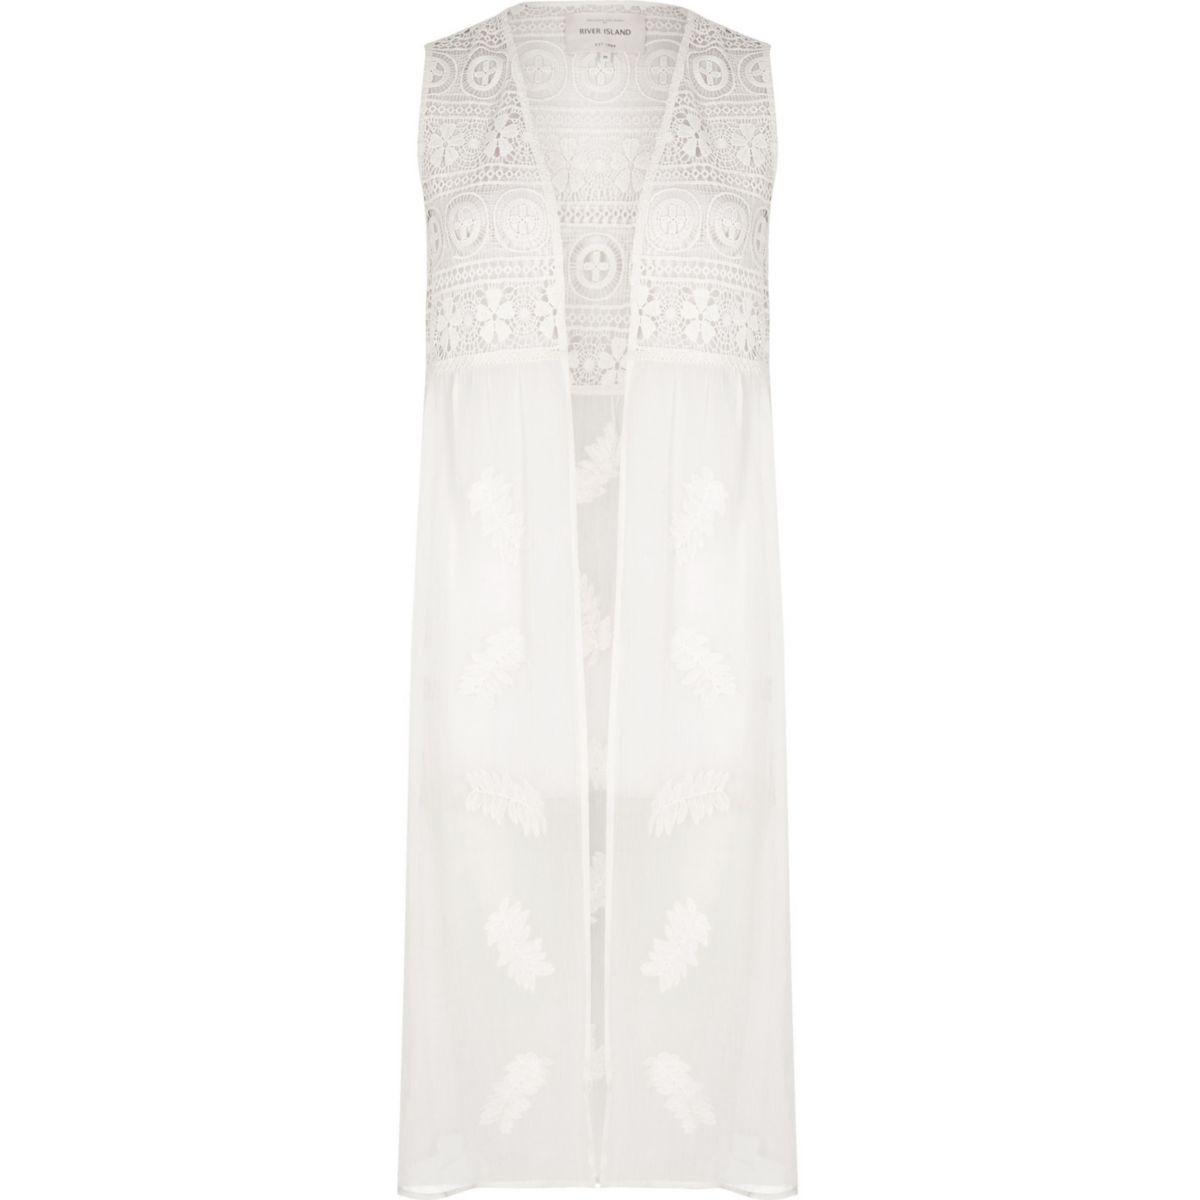 White lace embroidered sleeveless kimono